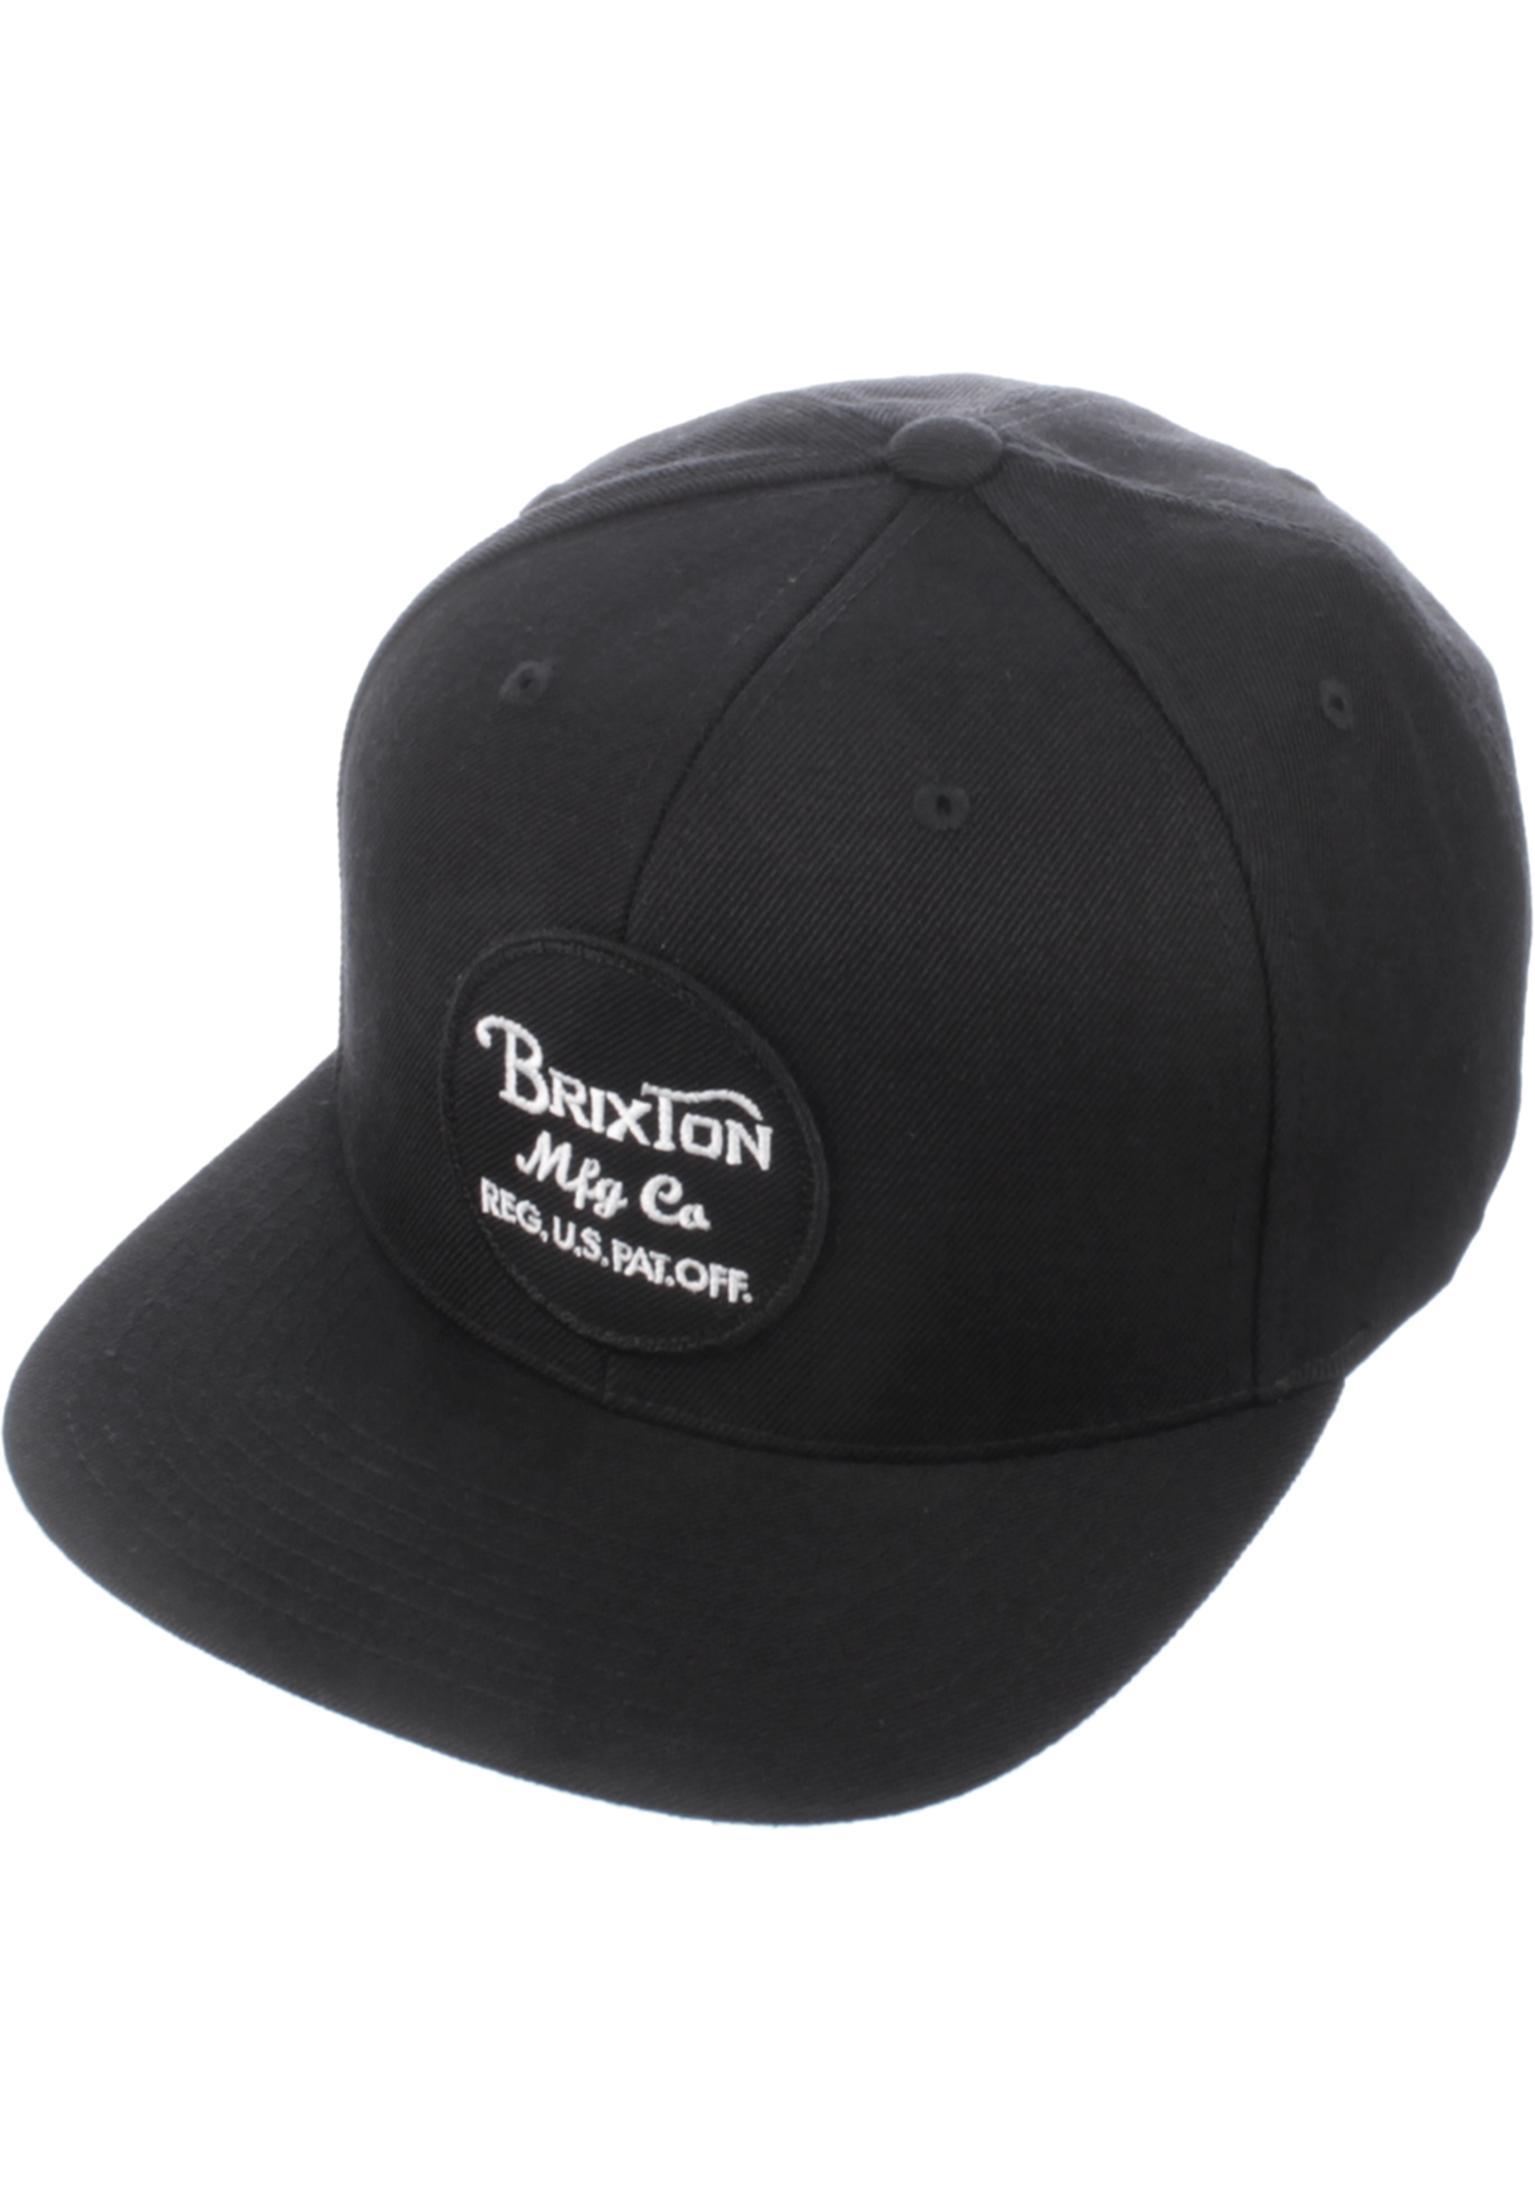 a9afeb0d1e9 Wheeler Brixton Caps in black for Men